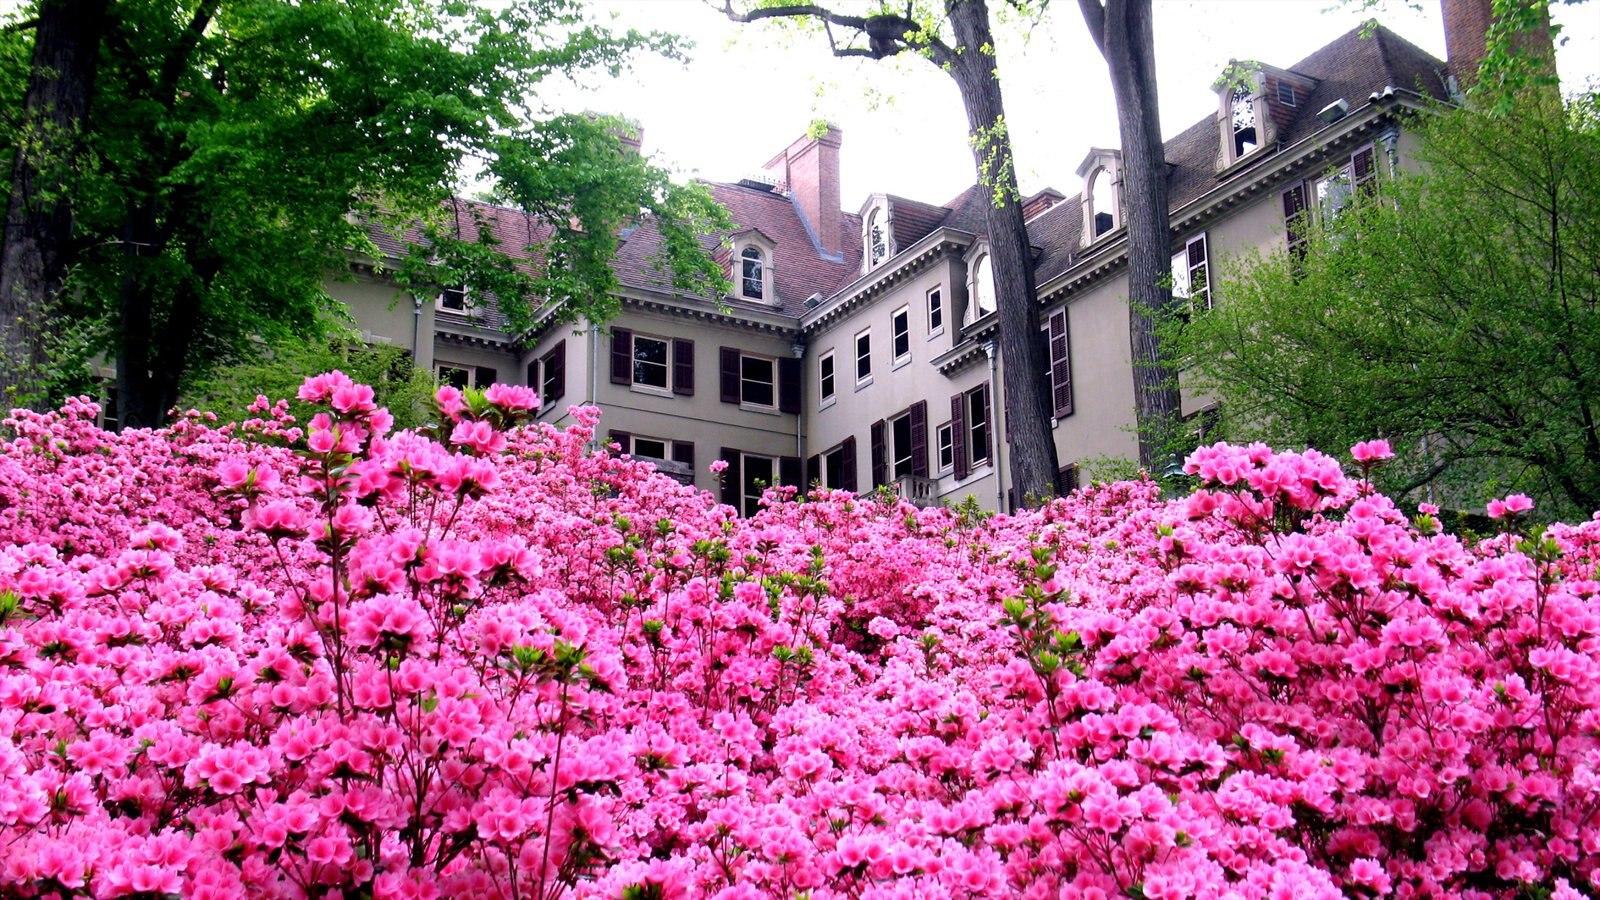 Wilmington ofreciendo elementos del patrimonio, flores y un jardín